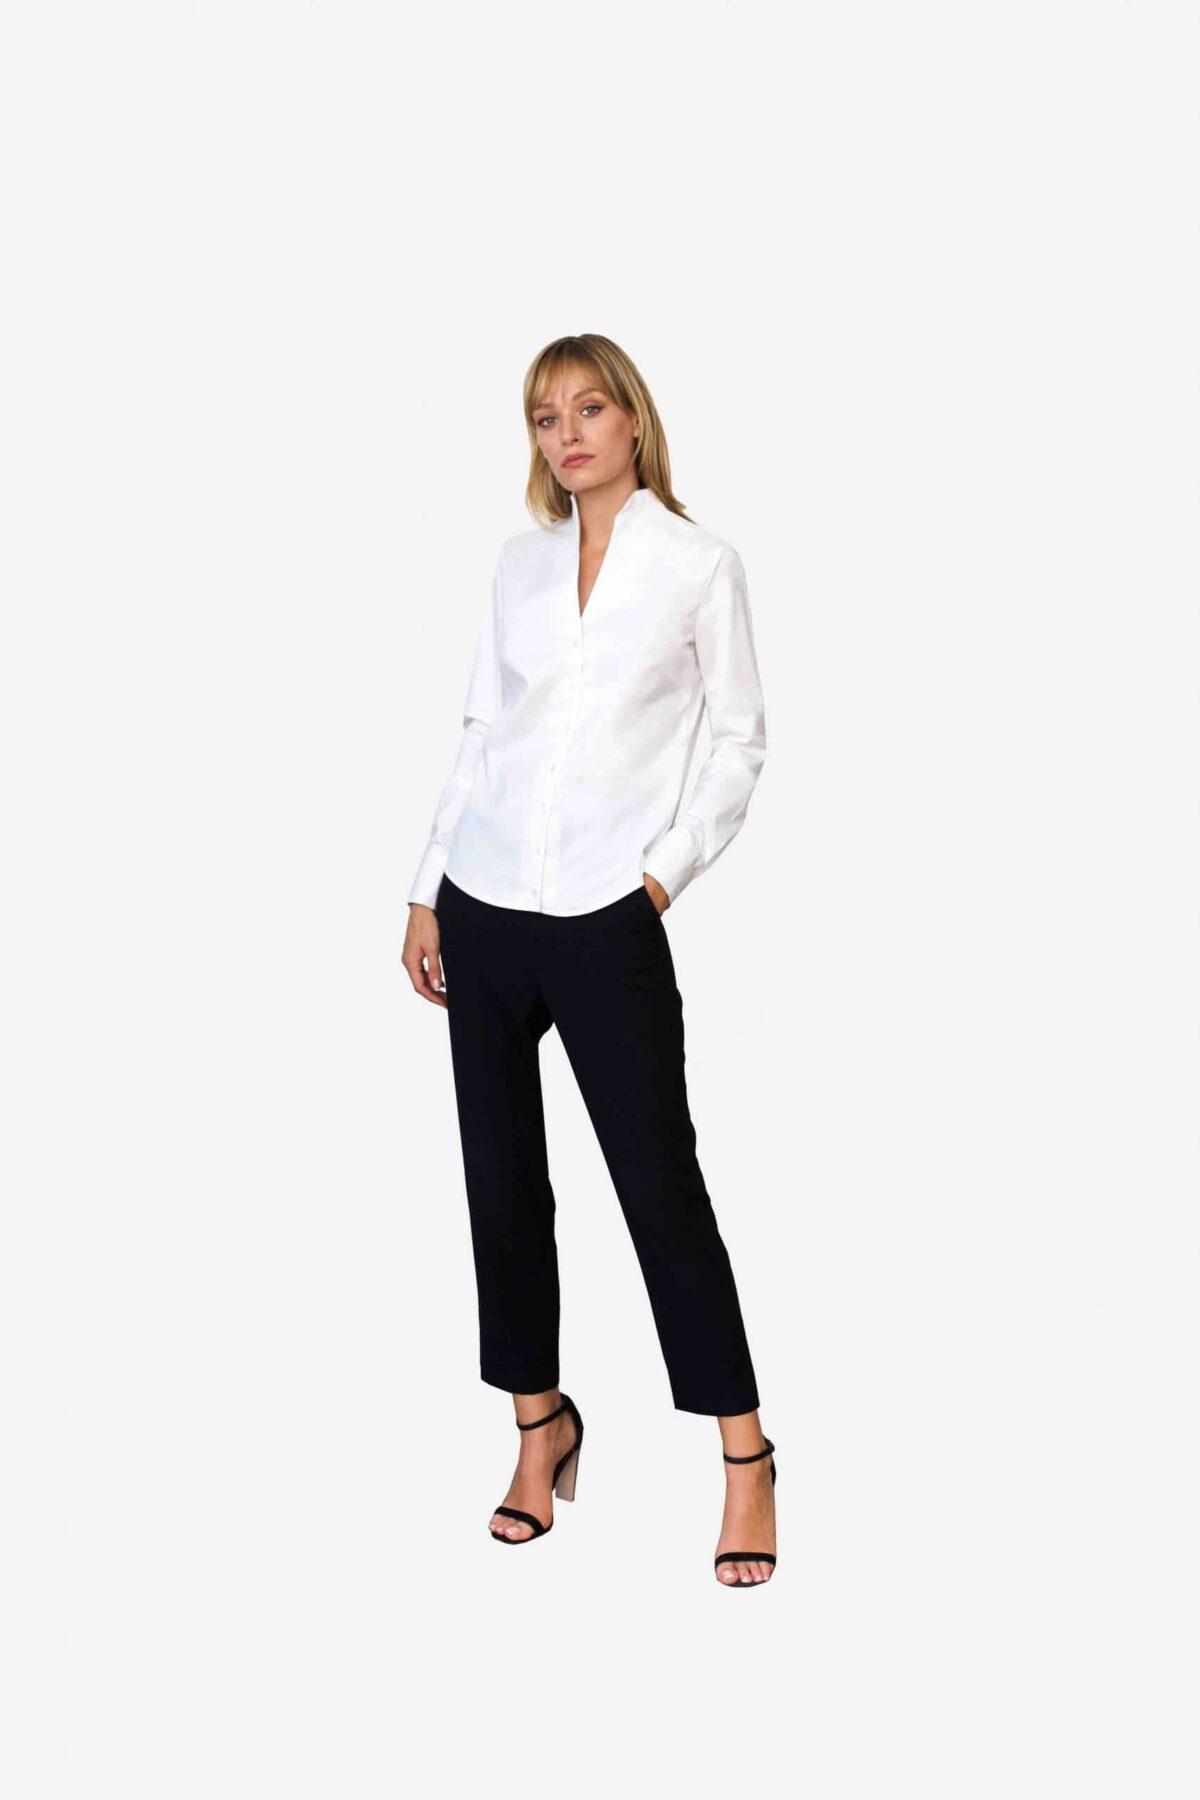 Bluse Sheirlyn von SANOGE. Elegante weiße Business Bluse mit Kelchkragen. Mondänes Design von Deutschem Designerlabel.